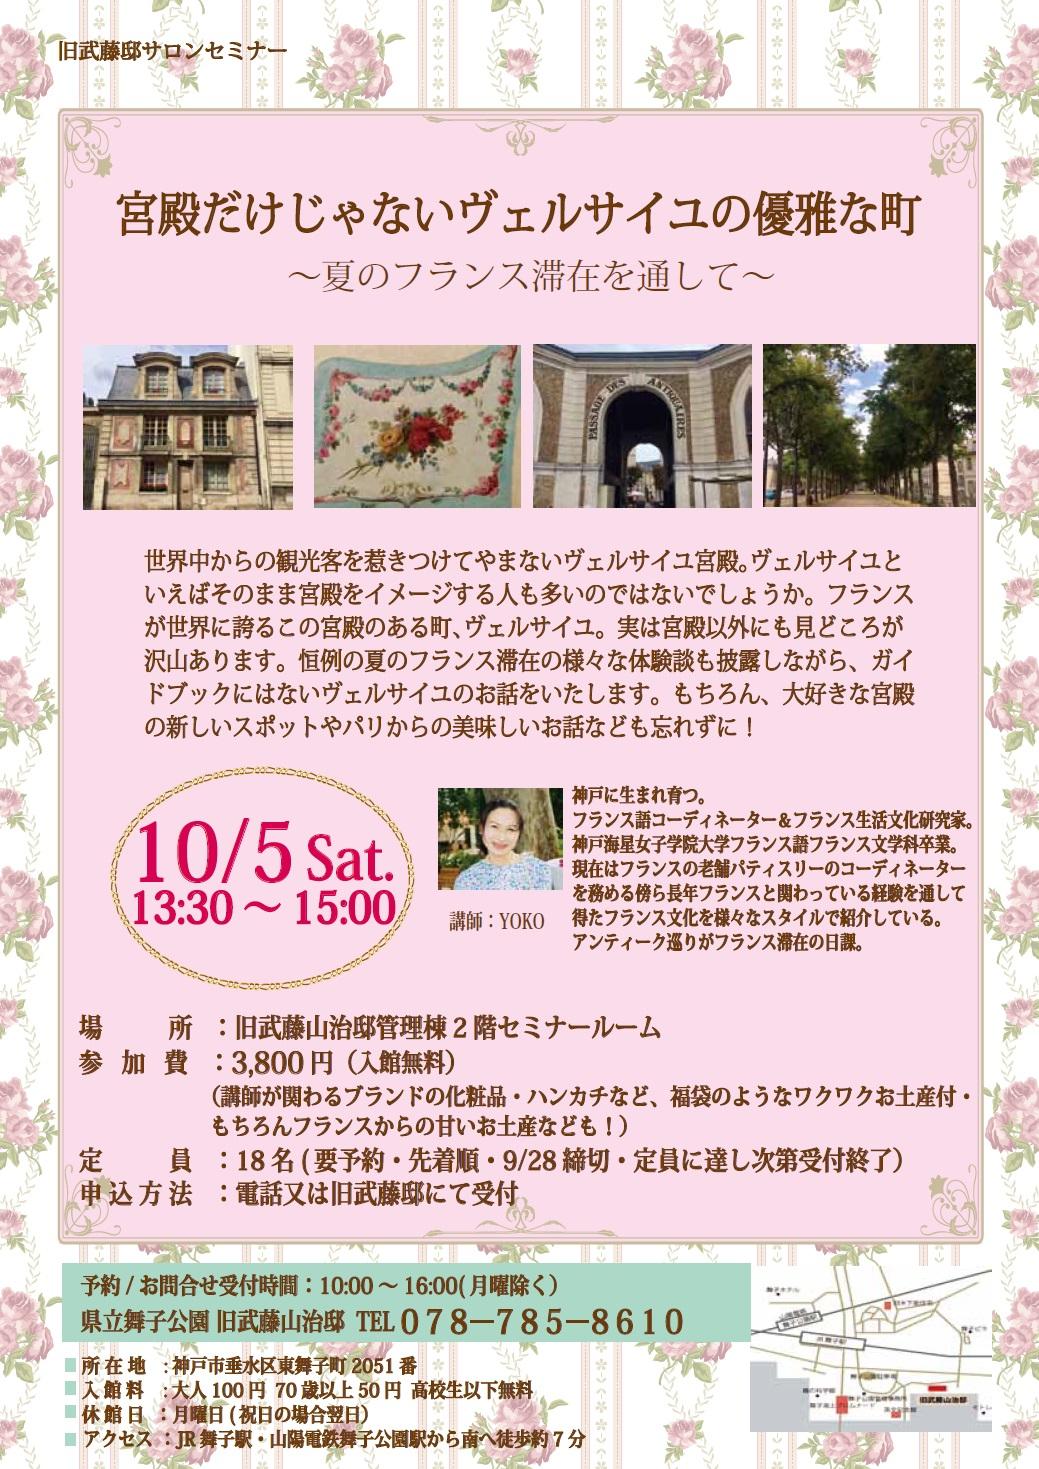 10月5日開催 旧武藤邸サロンセミナー「宮殿だけじゃないヴェルサイユの優雅な町」のアイキャッチ